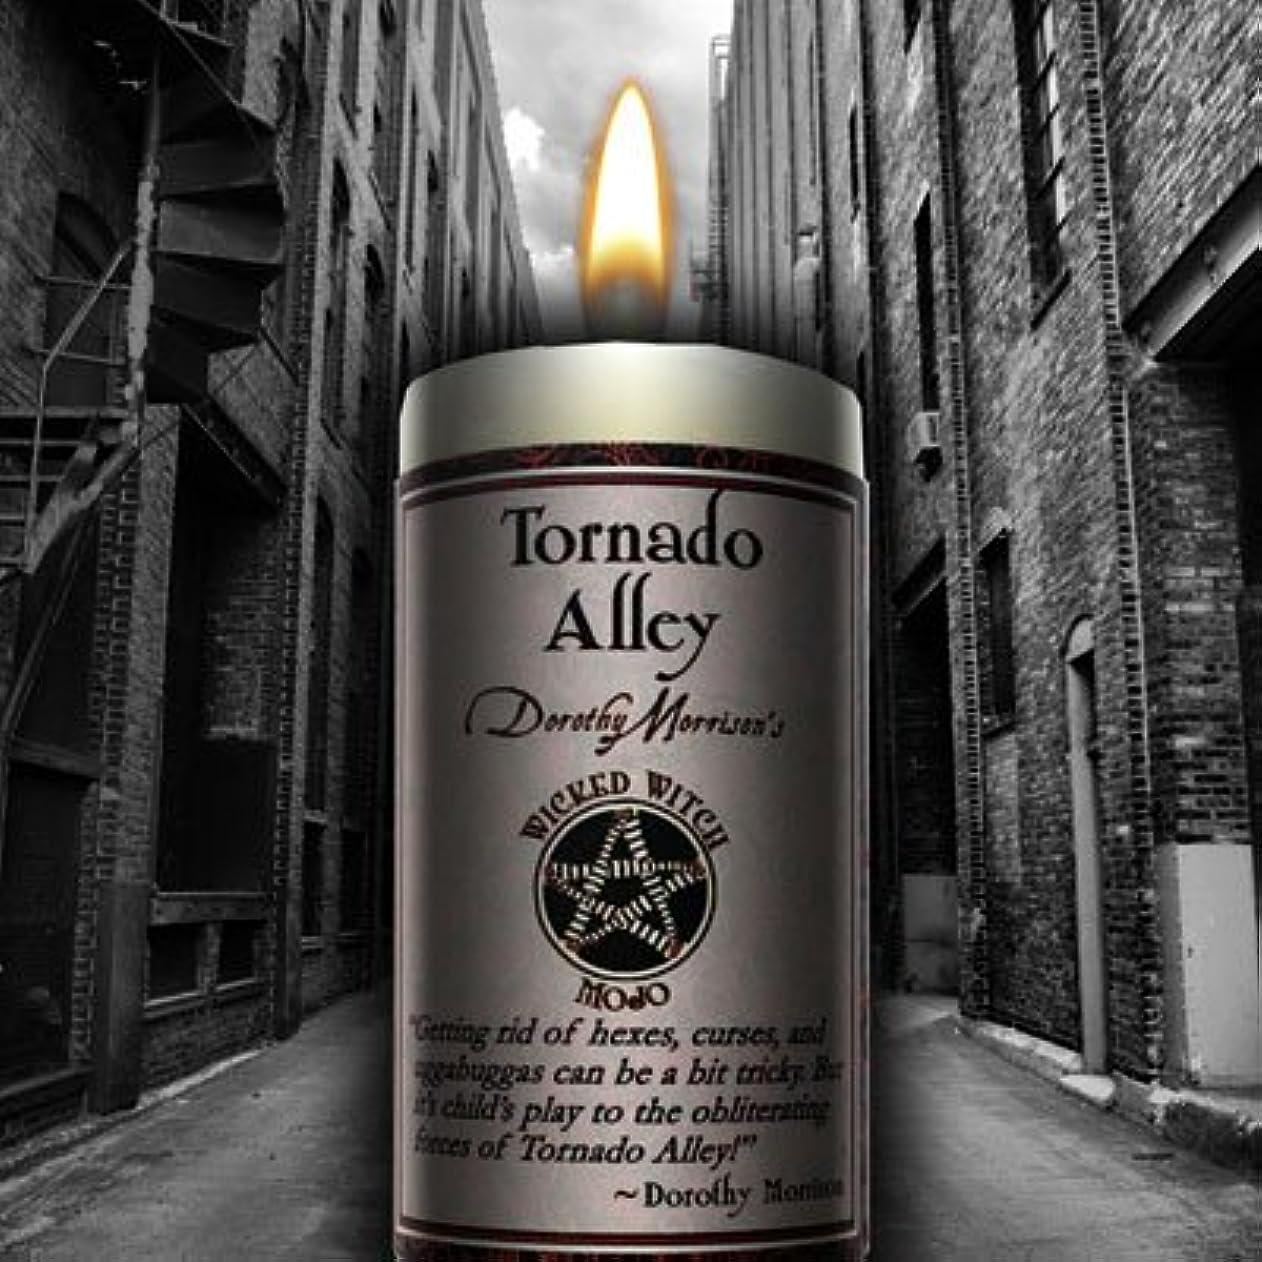 鉛筆調整するシリーズWicked Witch Mojo Tornado Alley Candle by Dorothy Morrison